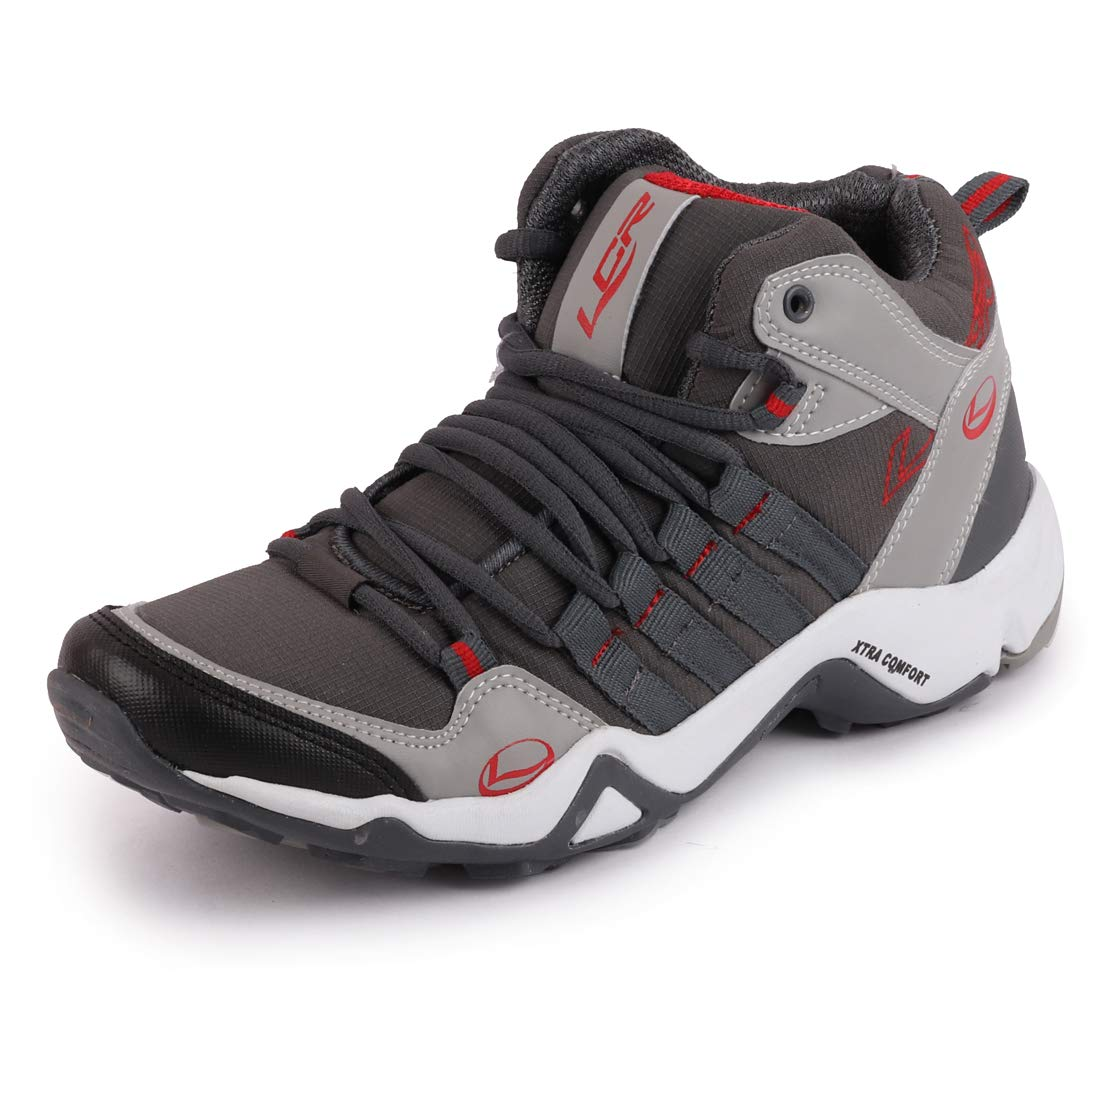 Lancer Men's Sports Shoes-best running shoes for men